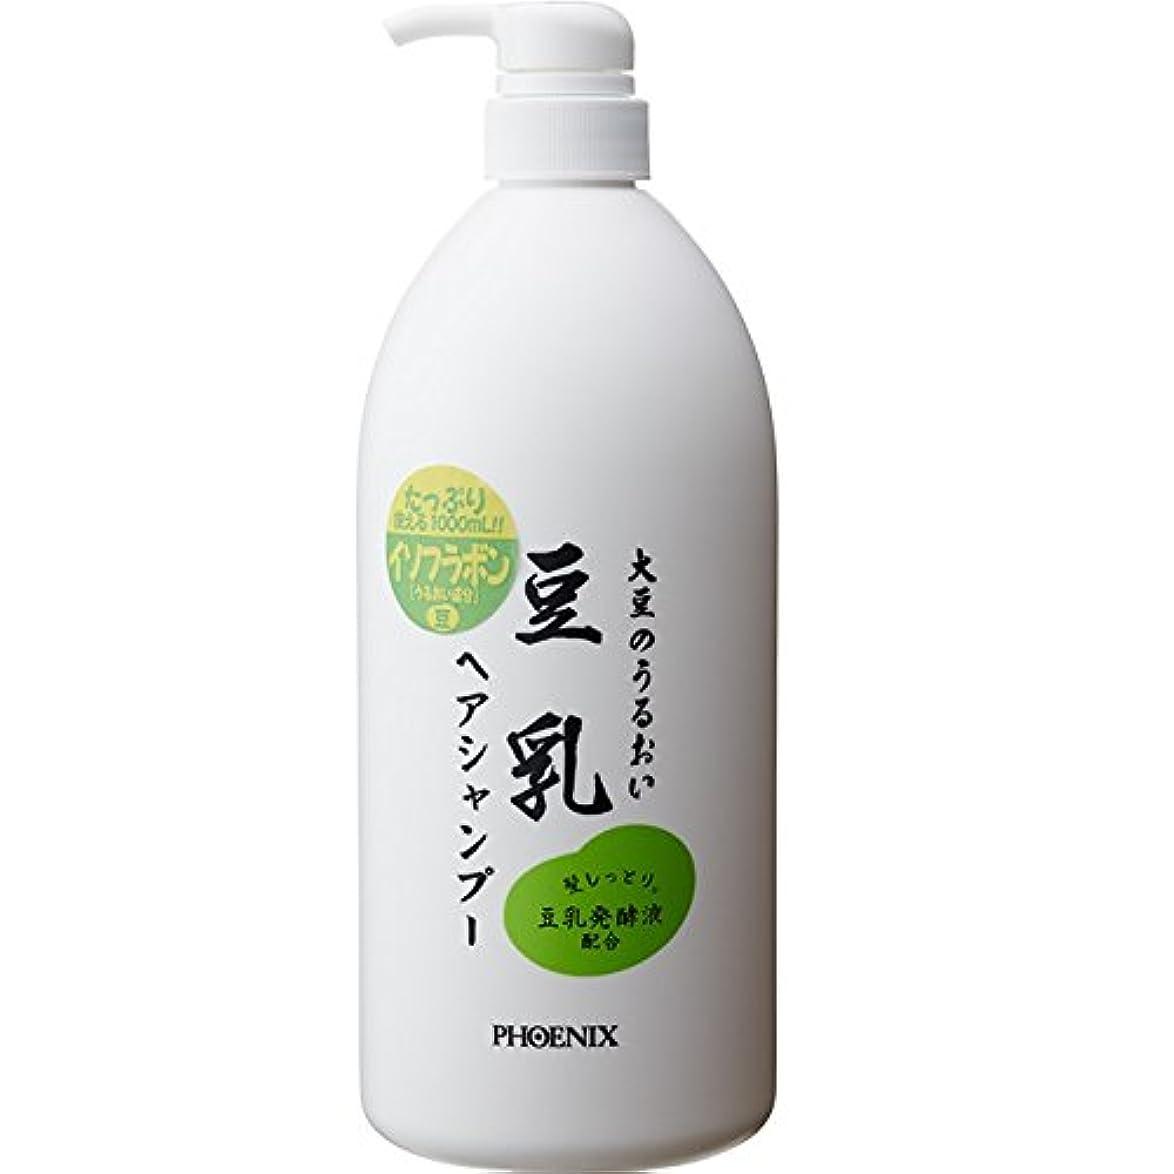 交通アブセイ爵【ケース販売】豆乳ヘアシャンプー 1L×10本